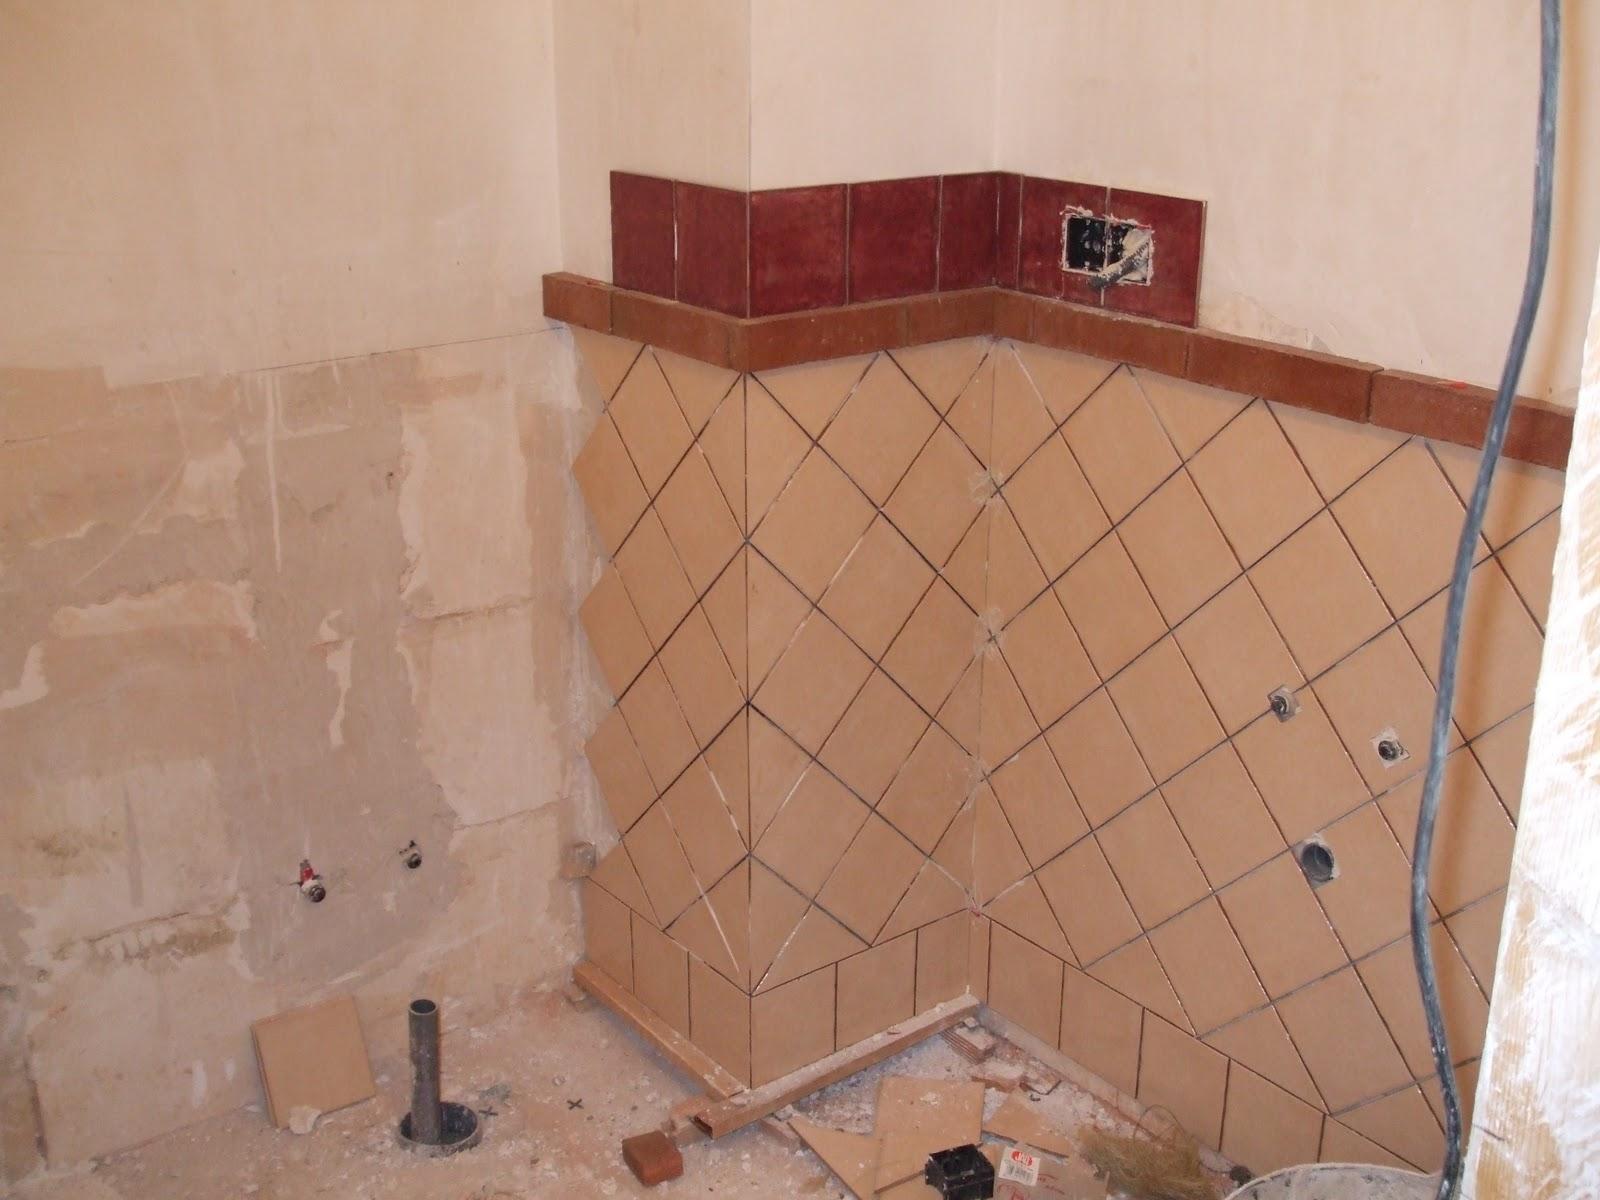 Baños Con Azulejos Hasta La Mitad: con una gran dificultad por tratarse de azulejos cortados por la mitad